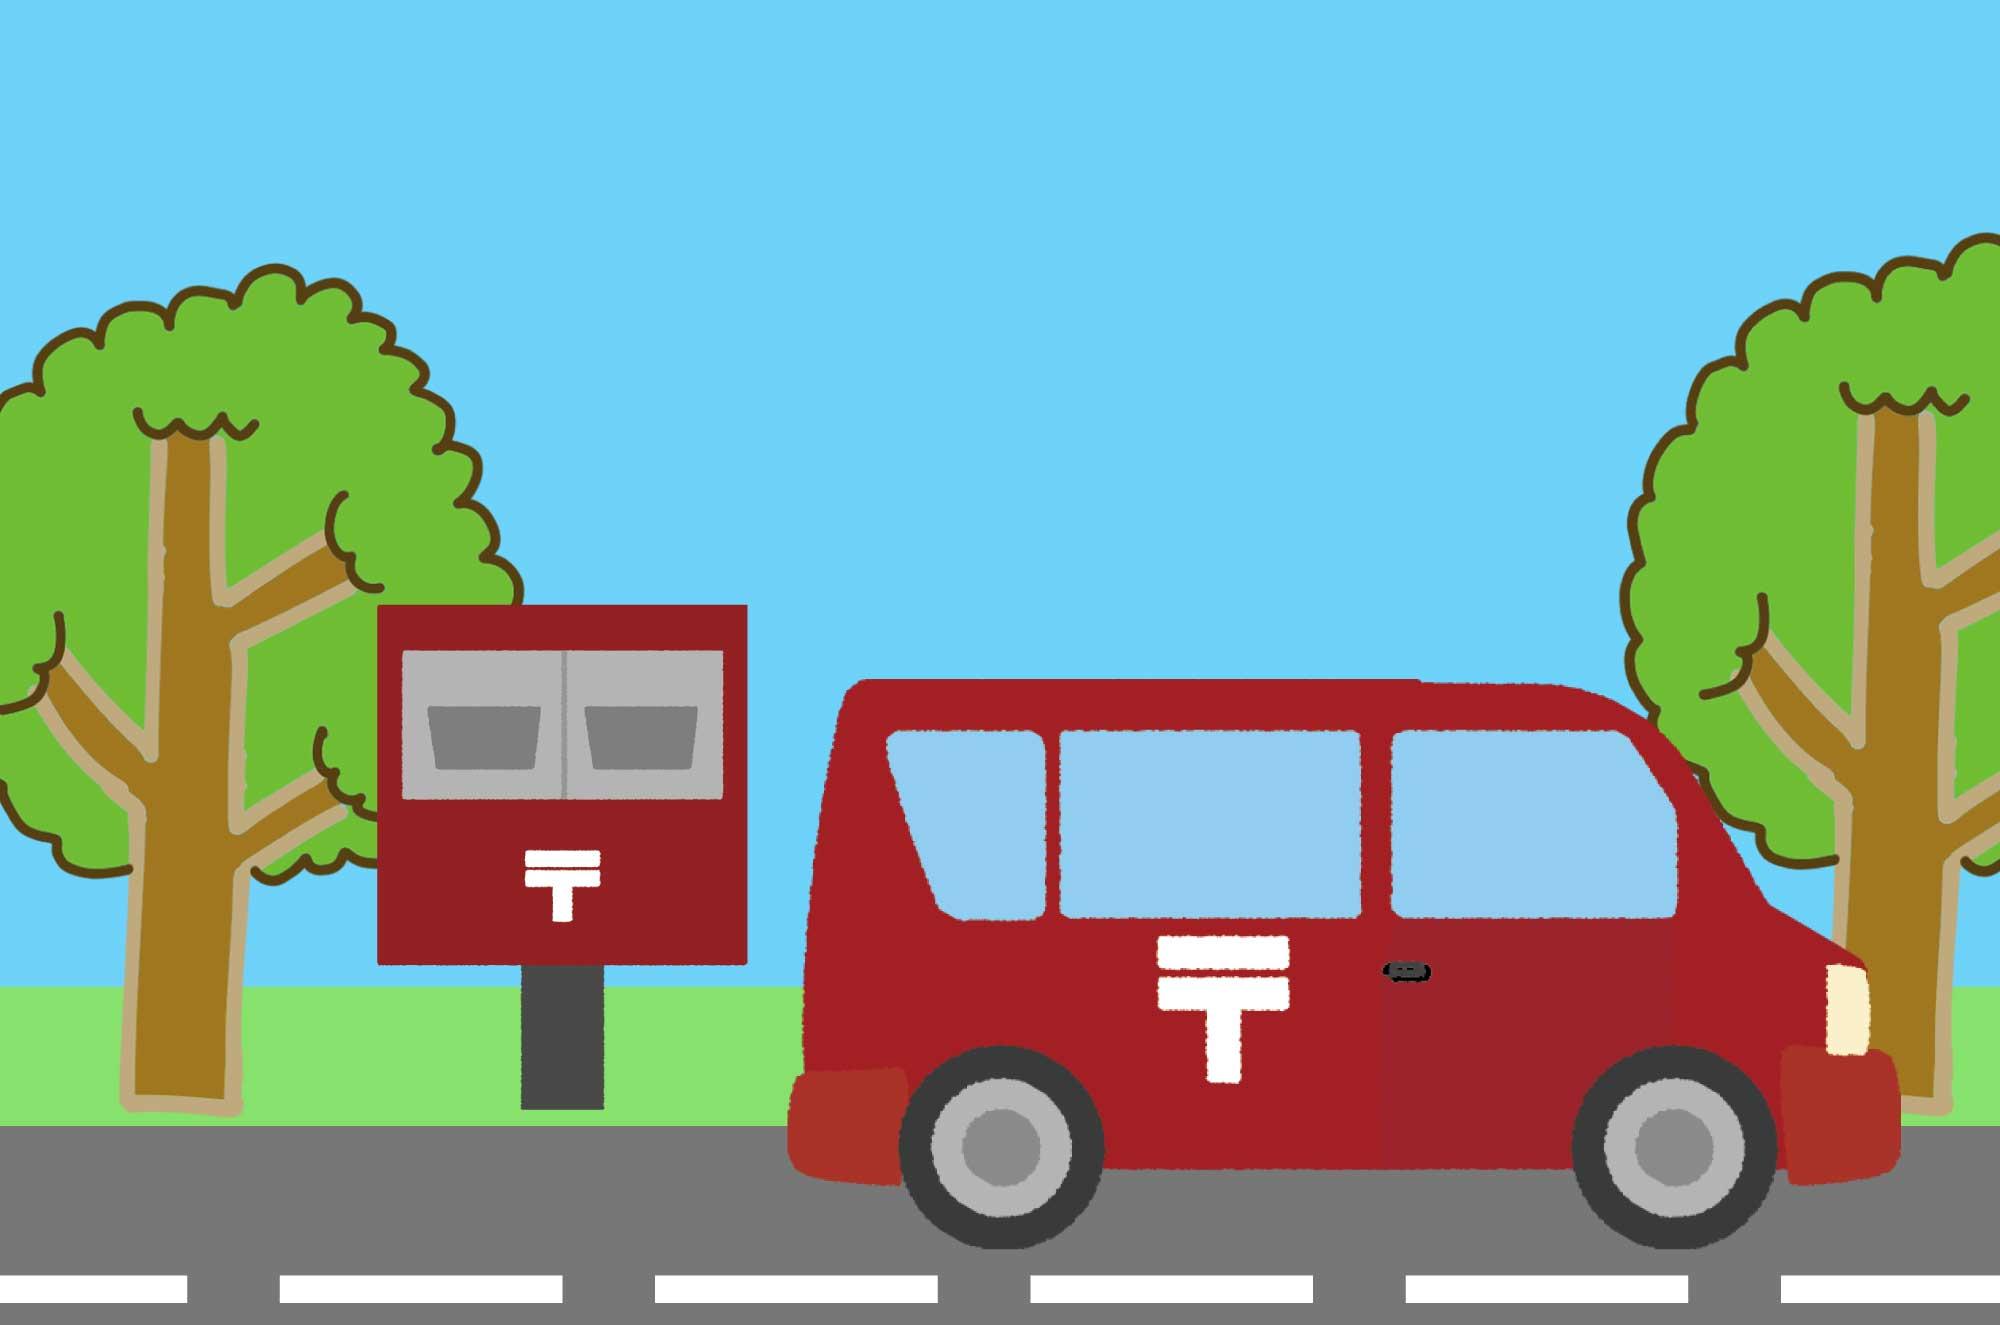 可愛い郵便車のイラスト - 手紙を運ぶ乗り物無料素材 - チコデザ